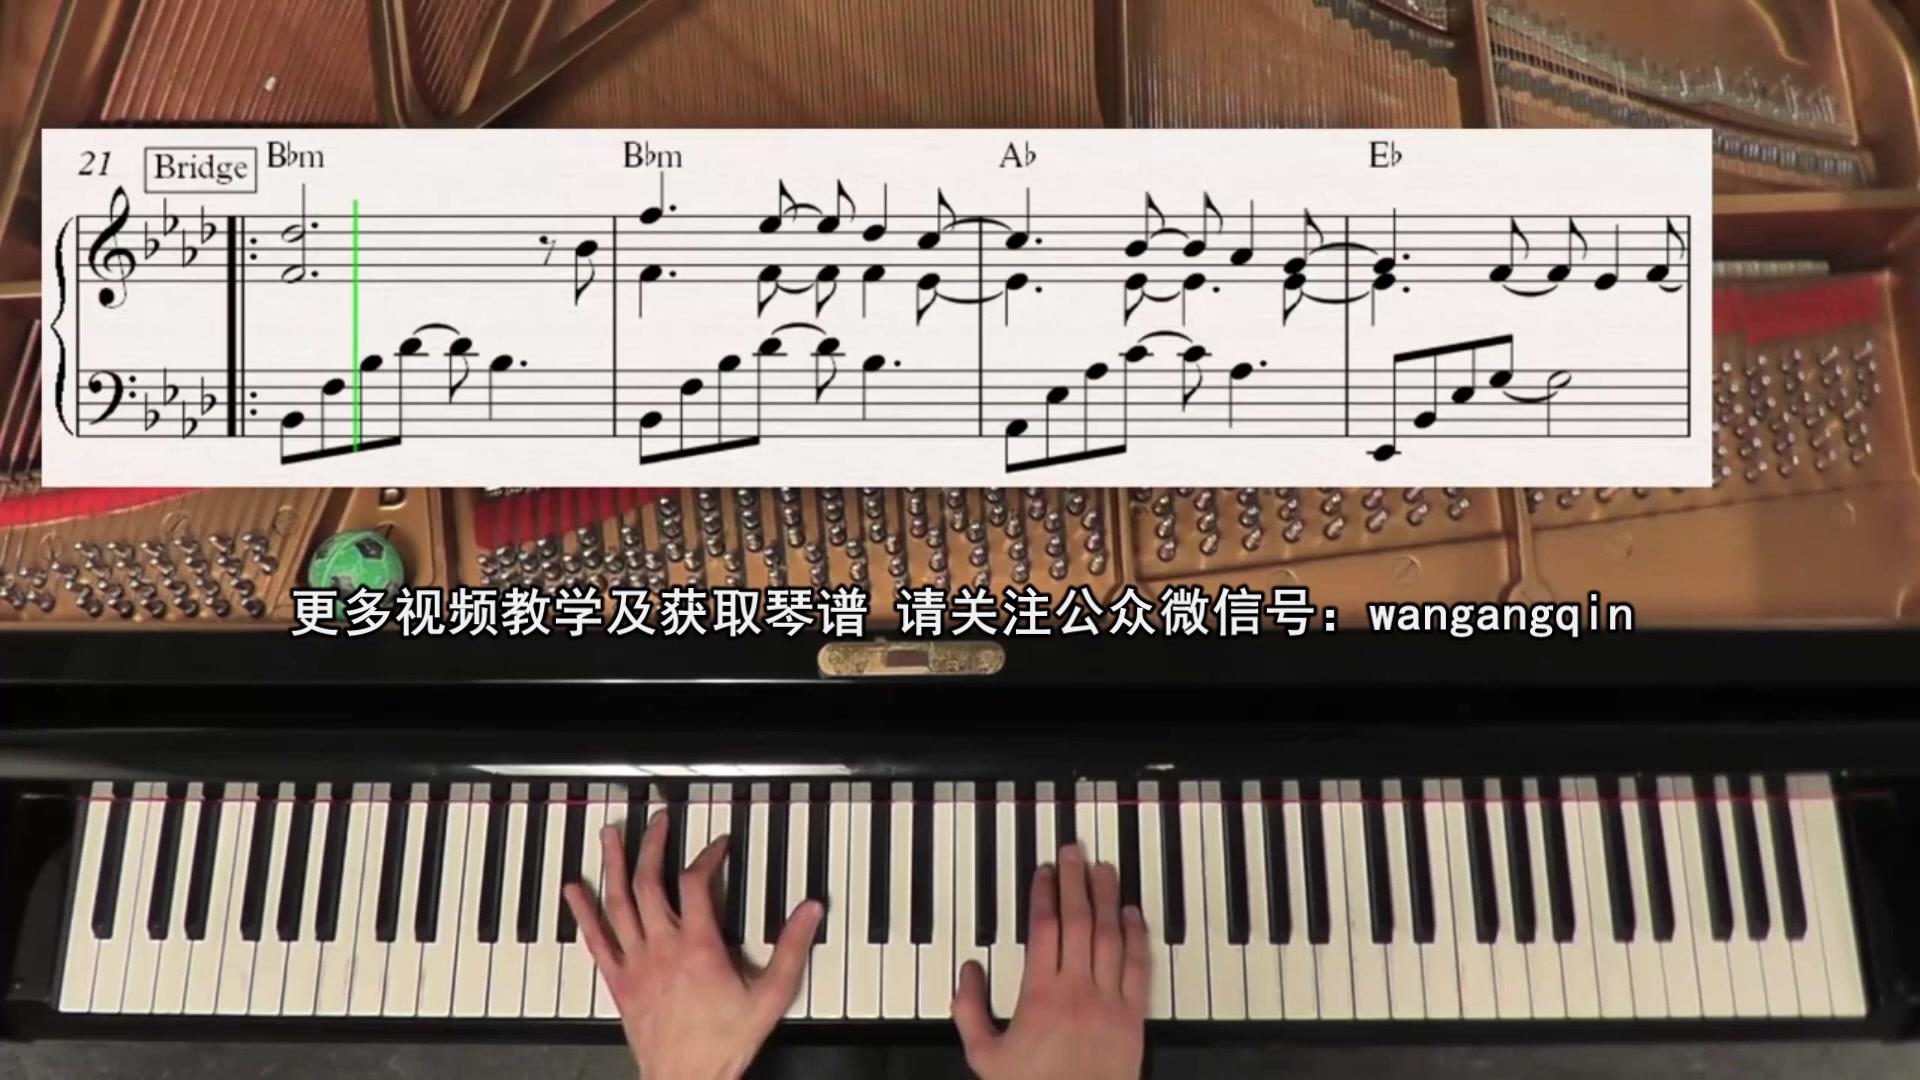 钢琴教学【All of Me】视奏谱&指法版